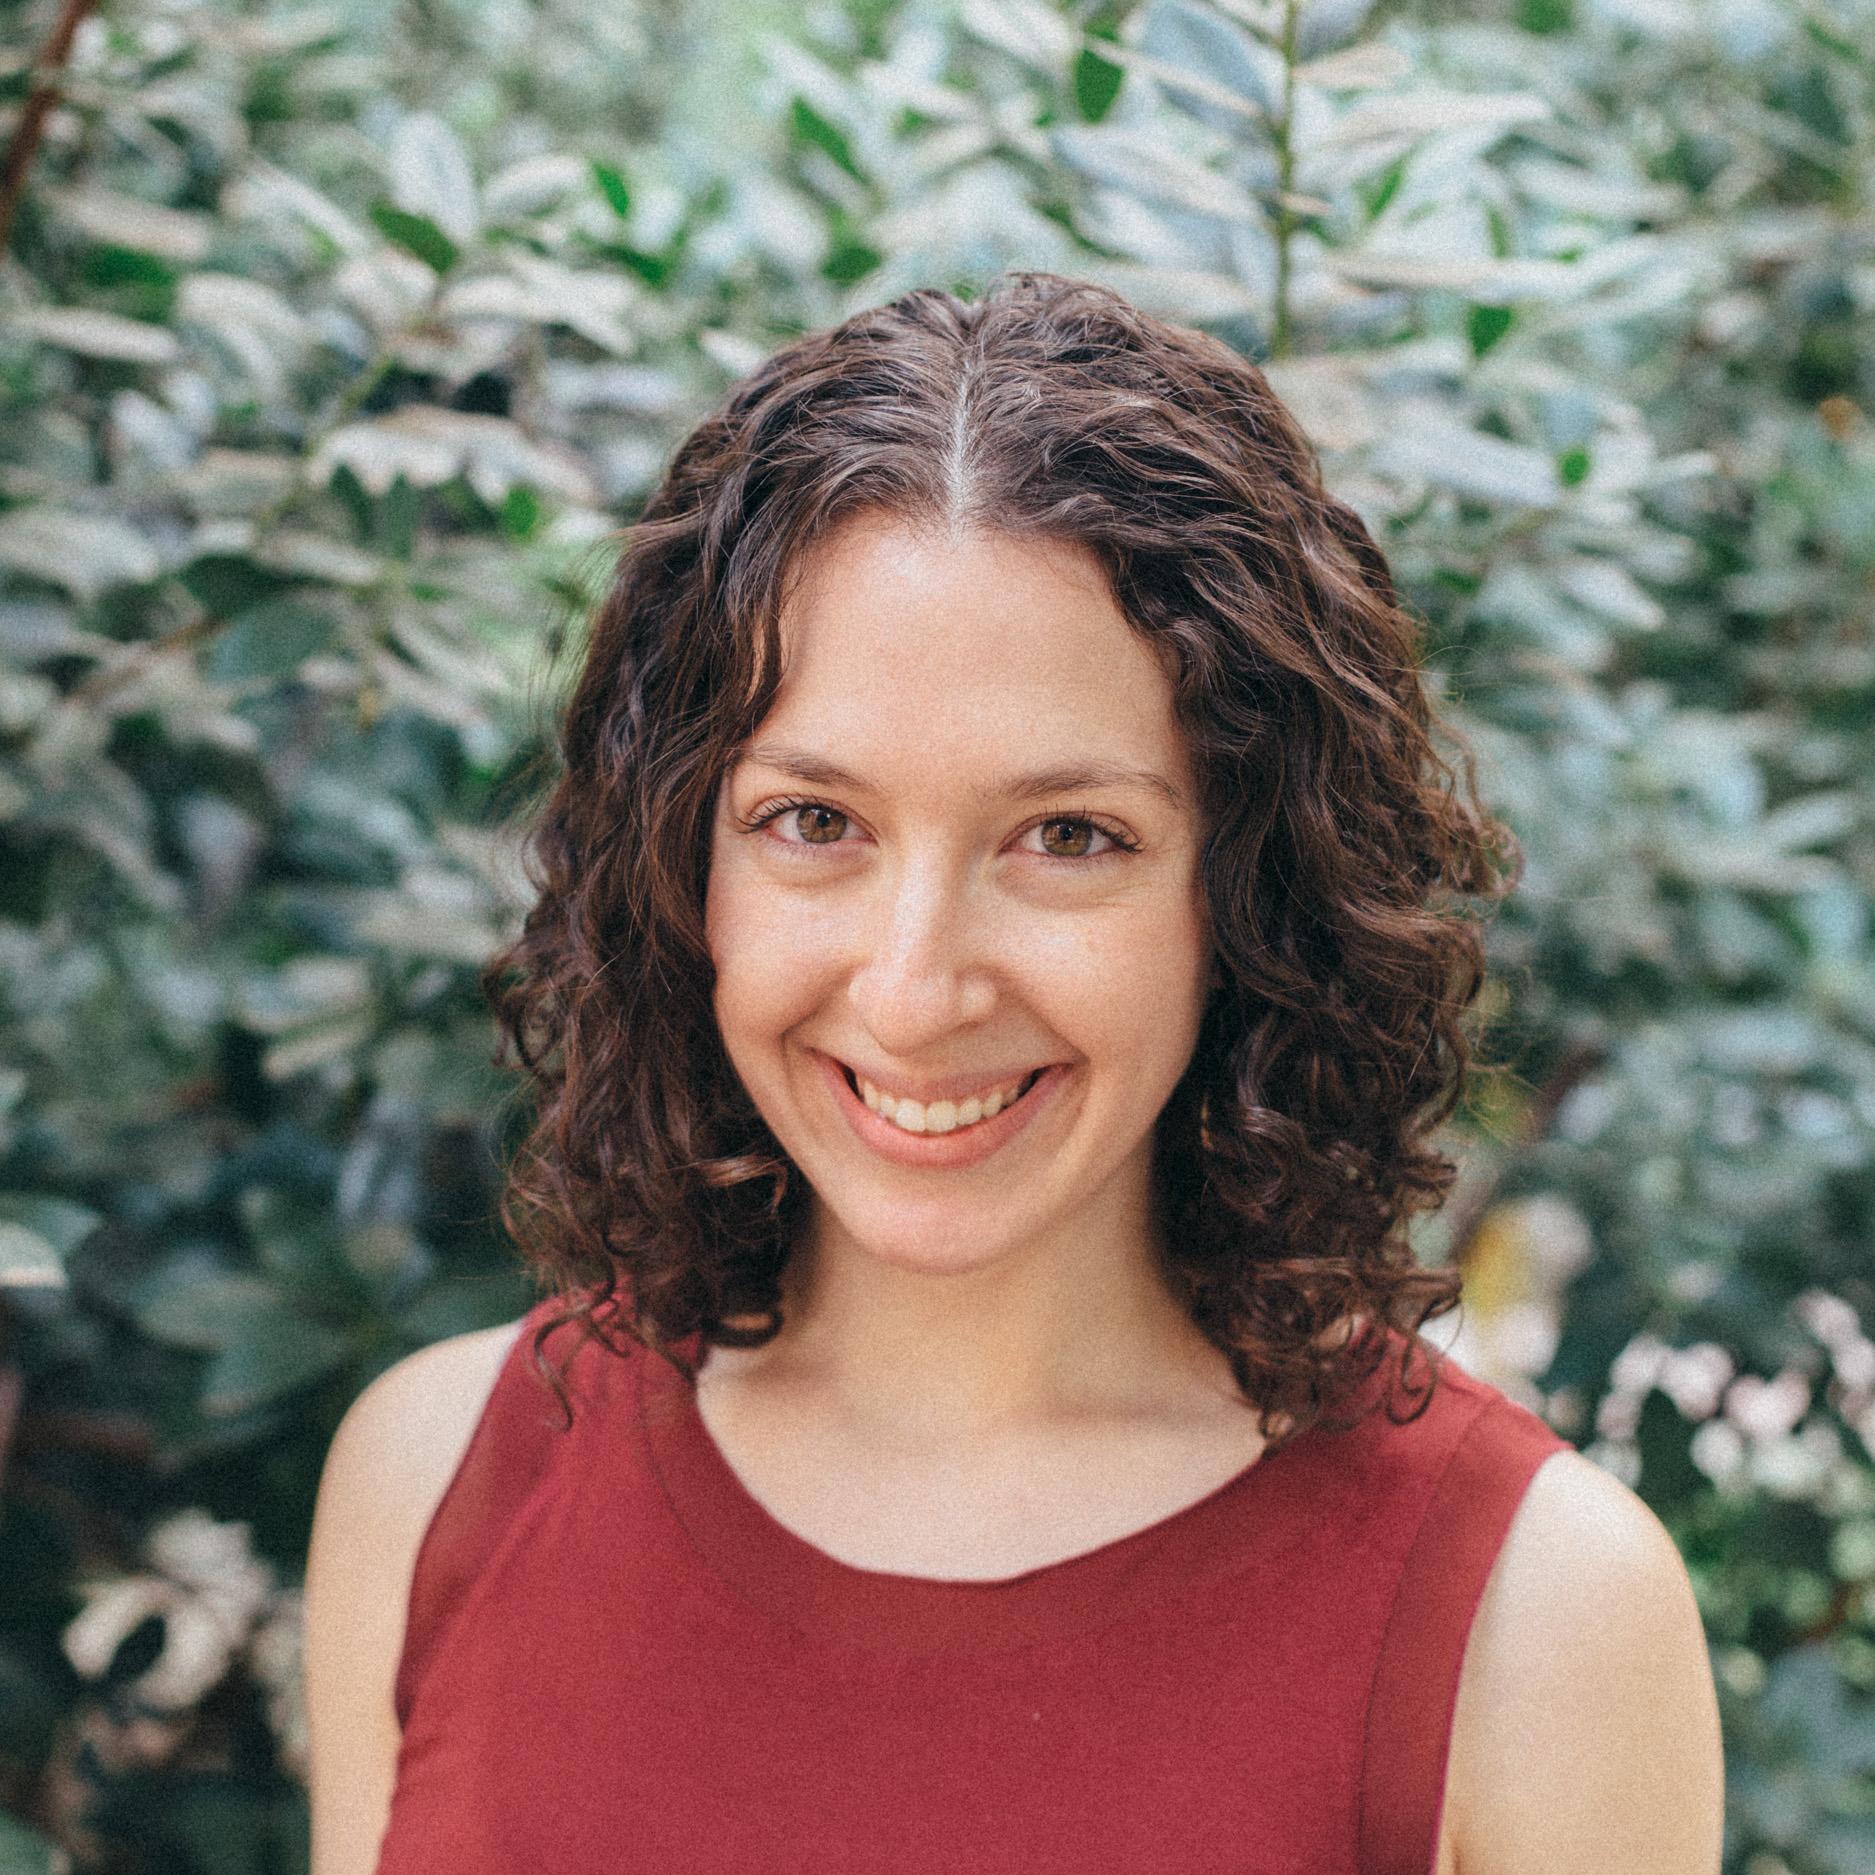 Arielle Tannenbaum